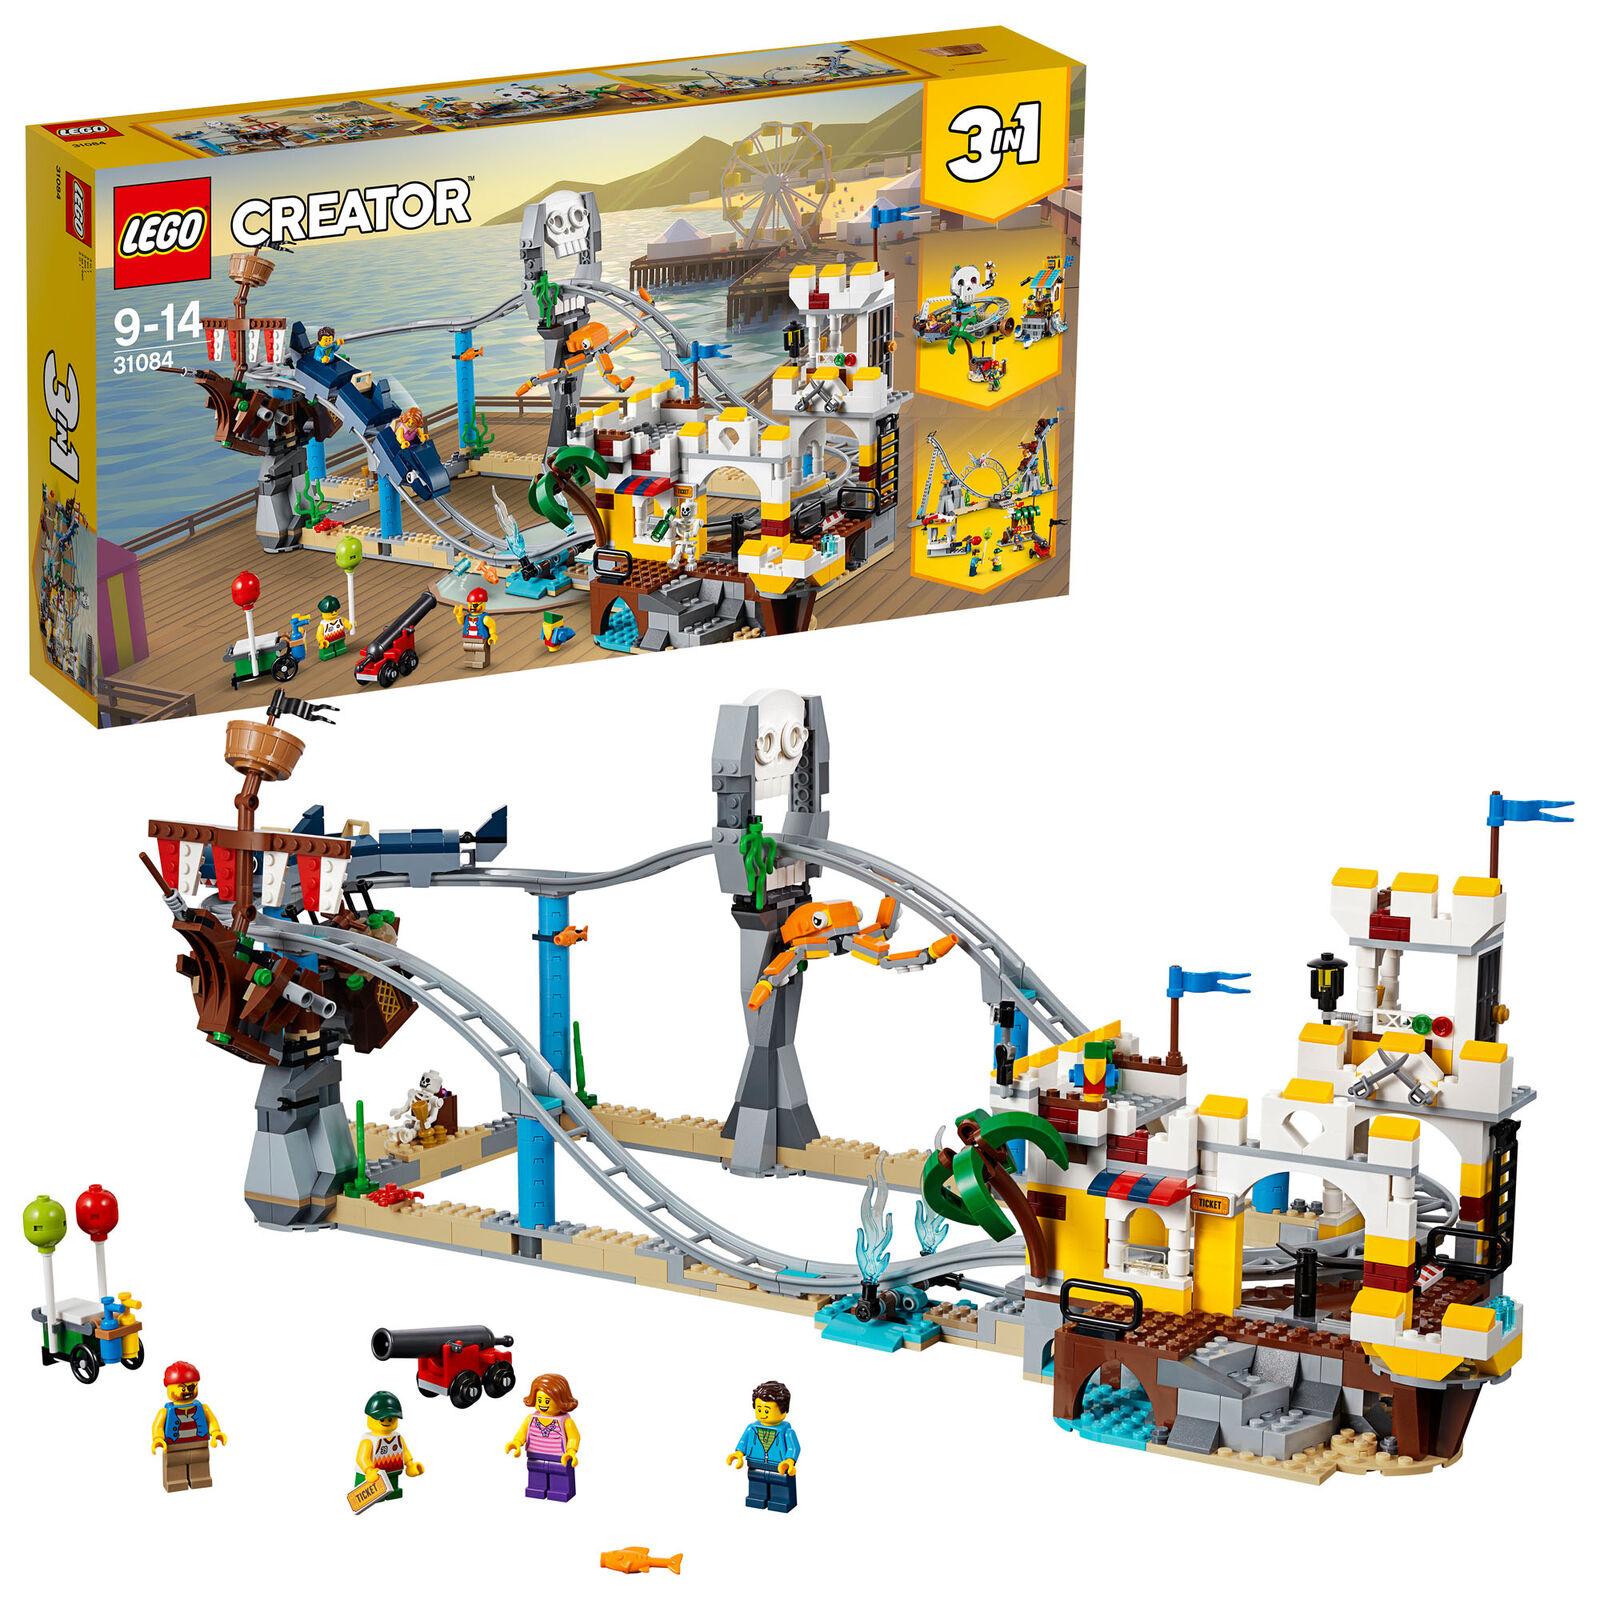 31084  LEGO Creator Pirate Roller Coaster 923 Pieces Age 9+  pas cher et de la mode